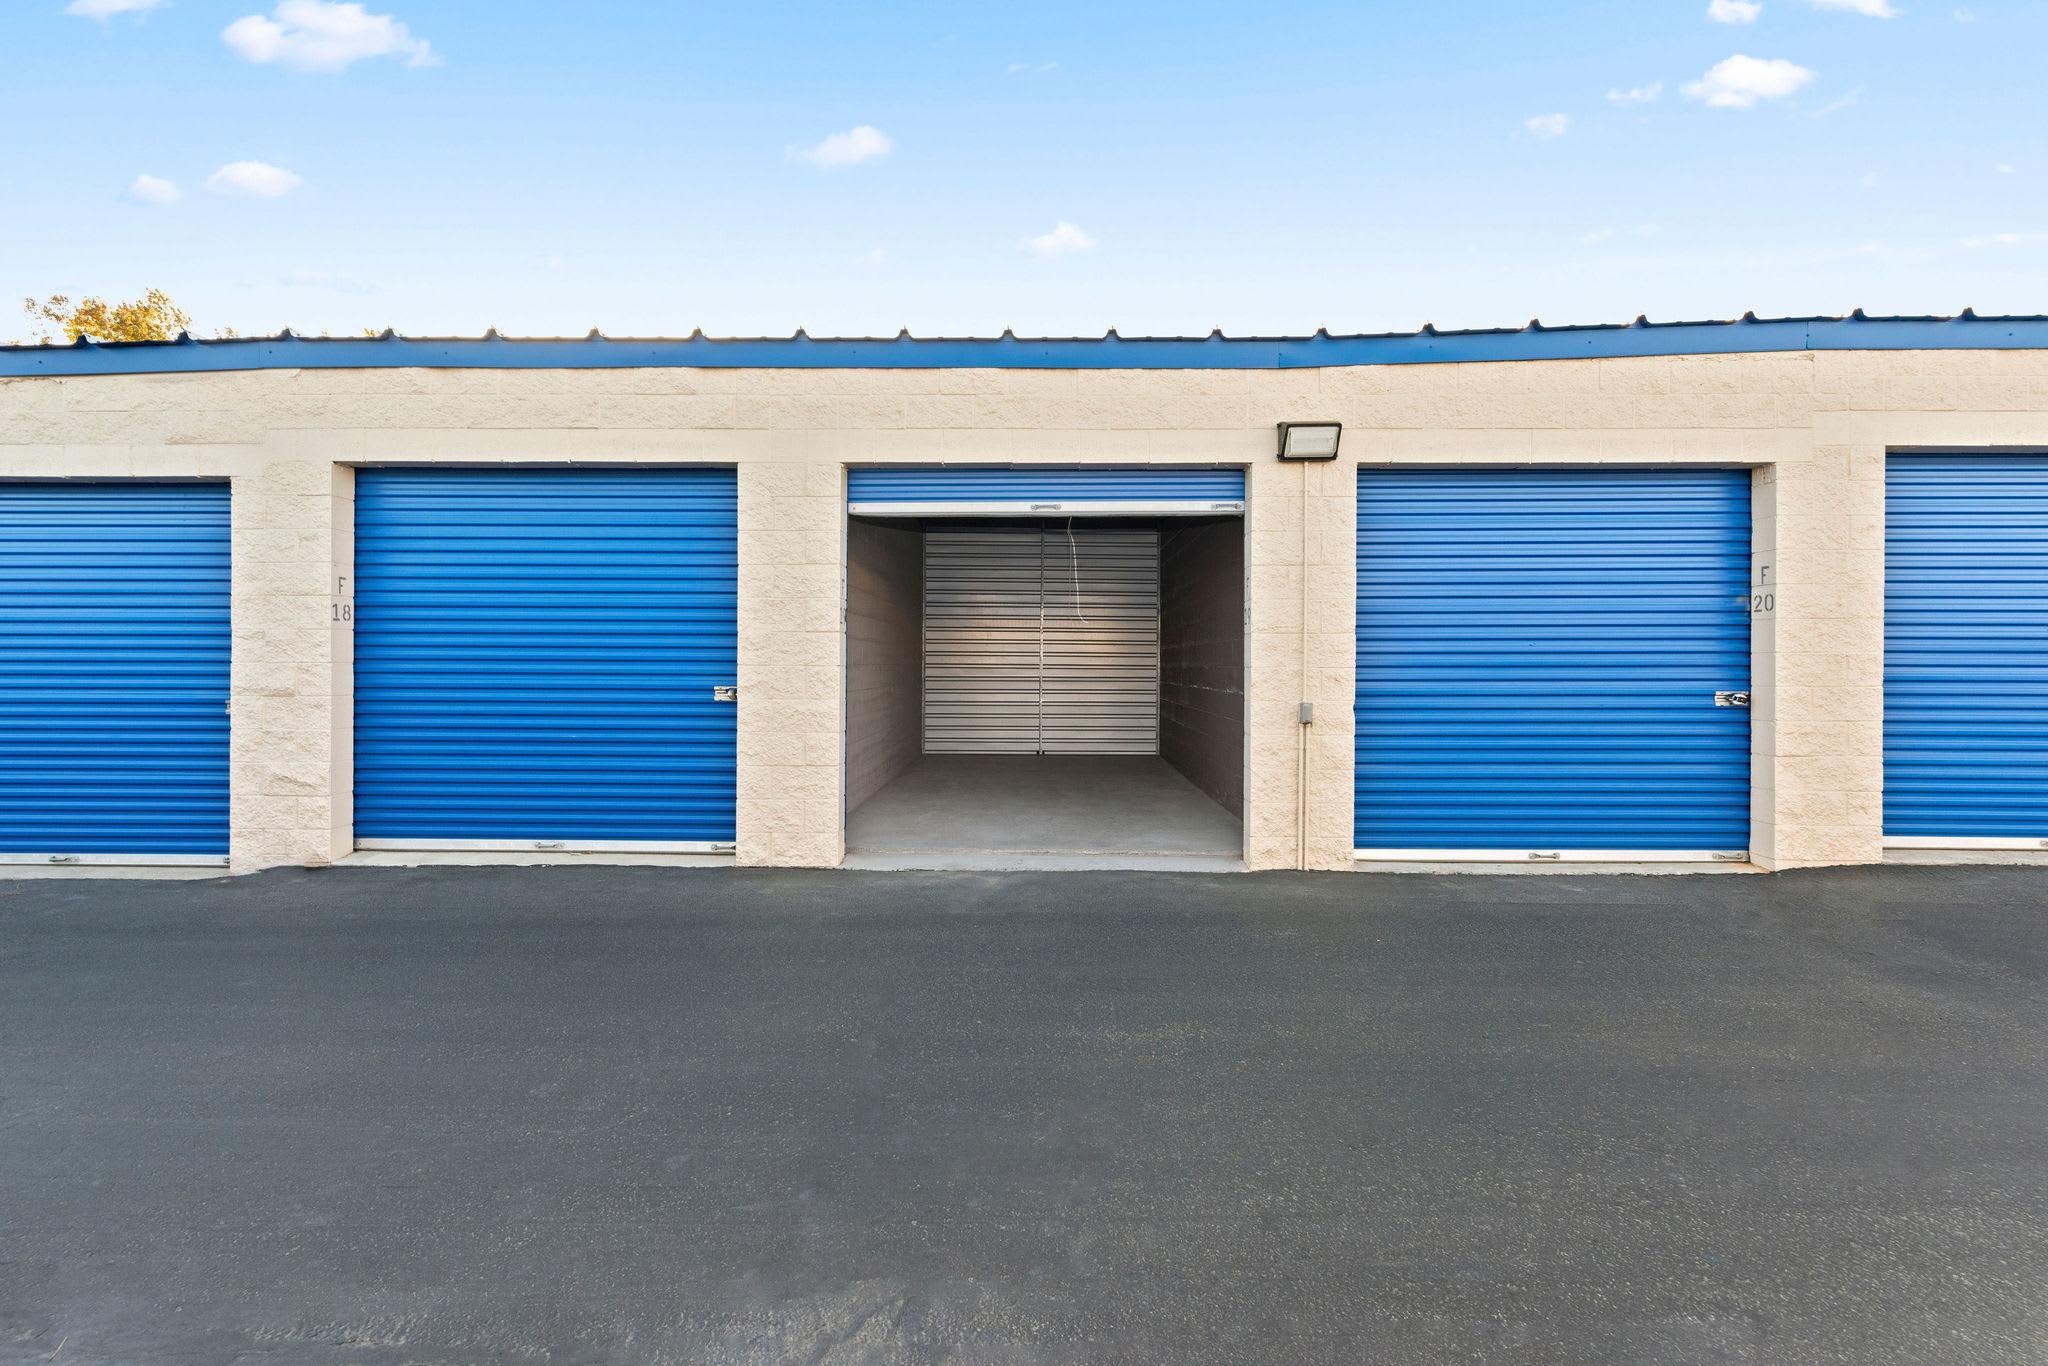 A storage unit doorway open at Stor'em Self Storage in Lehi, Utah